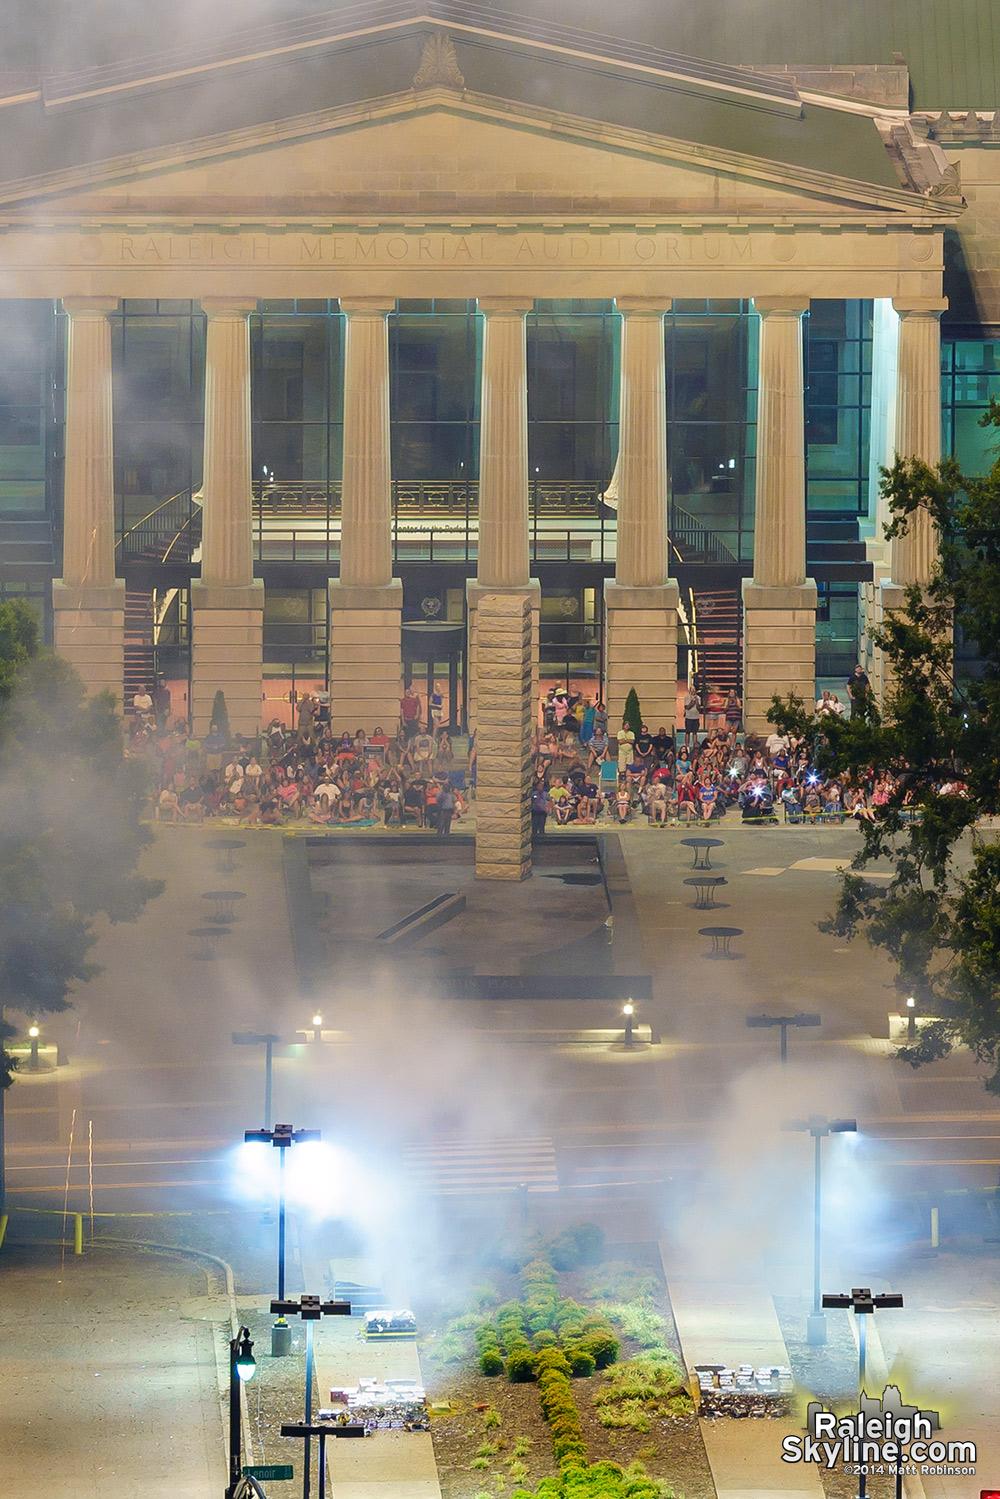 Raleigh Memorial Auditorium spectators